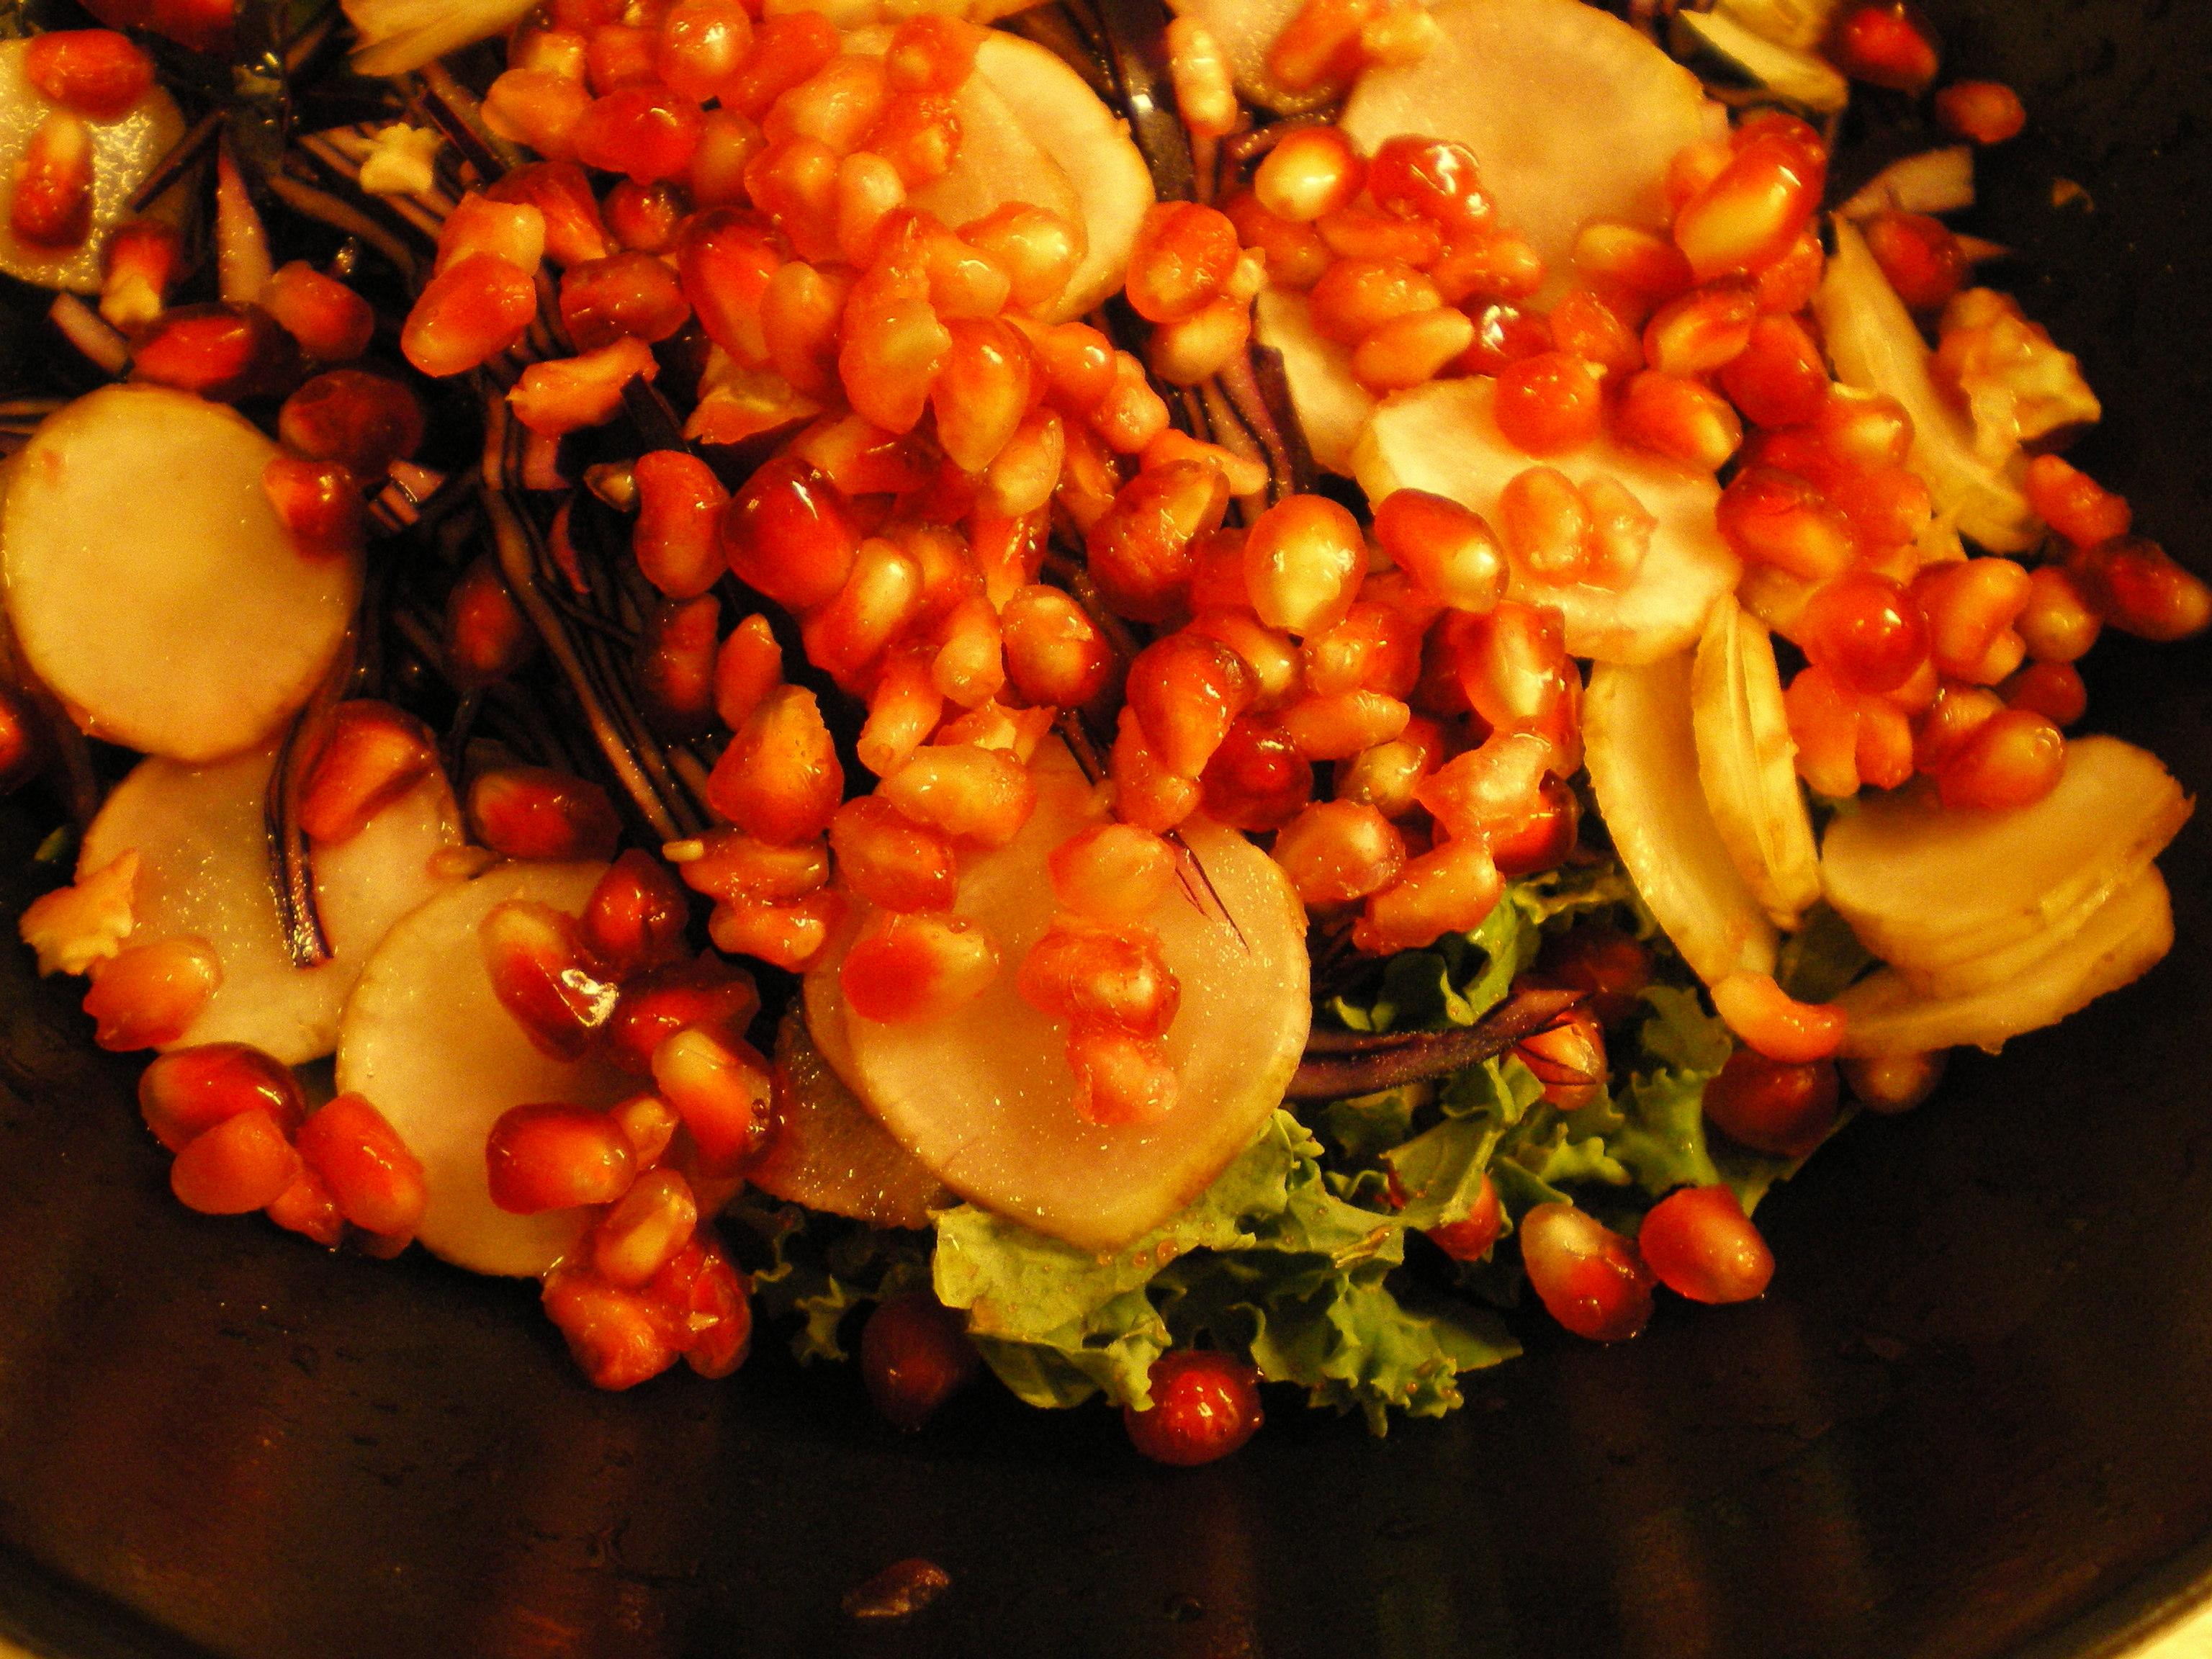 Grønkål #1: råkost med grønkål, rødkål, jordskokker, linser og granatæble